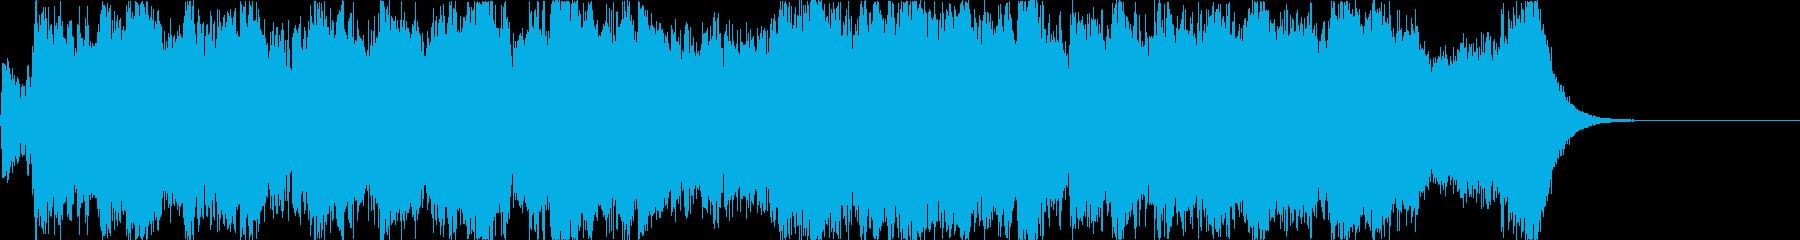 壮大で力強い和風オーケストラ-短縮版-の再生済みの波形